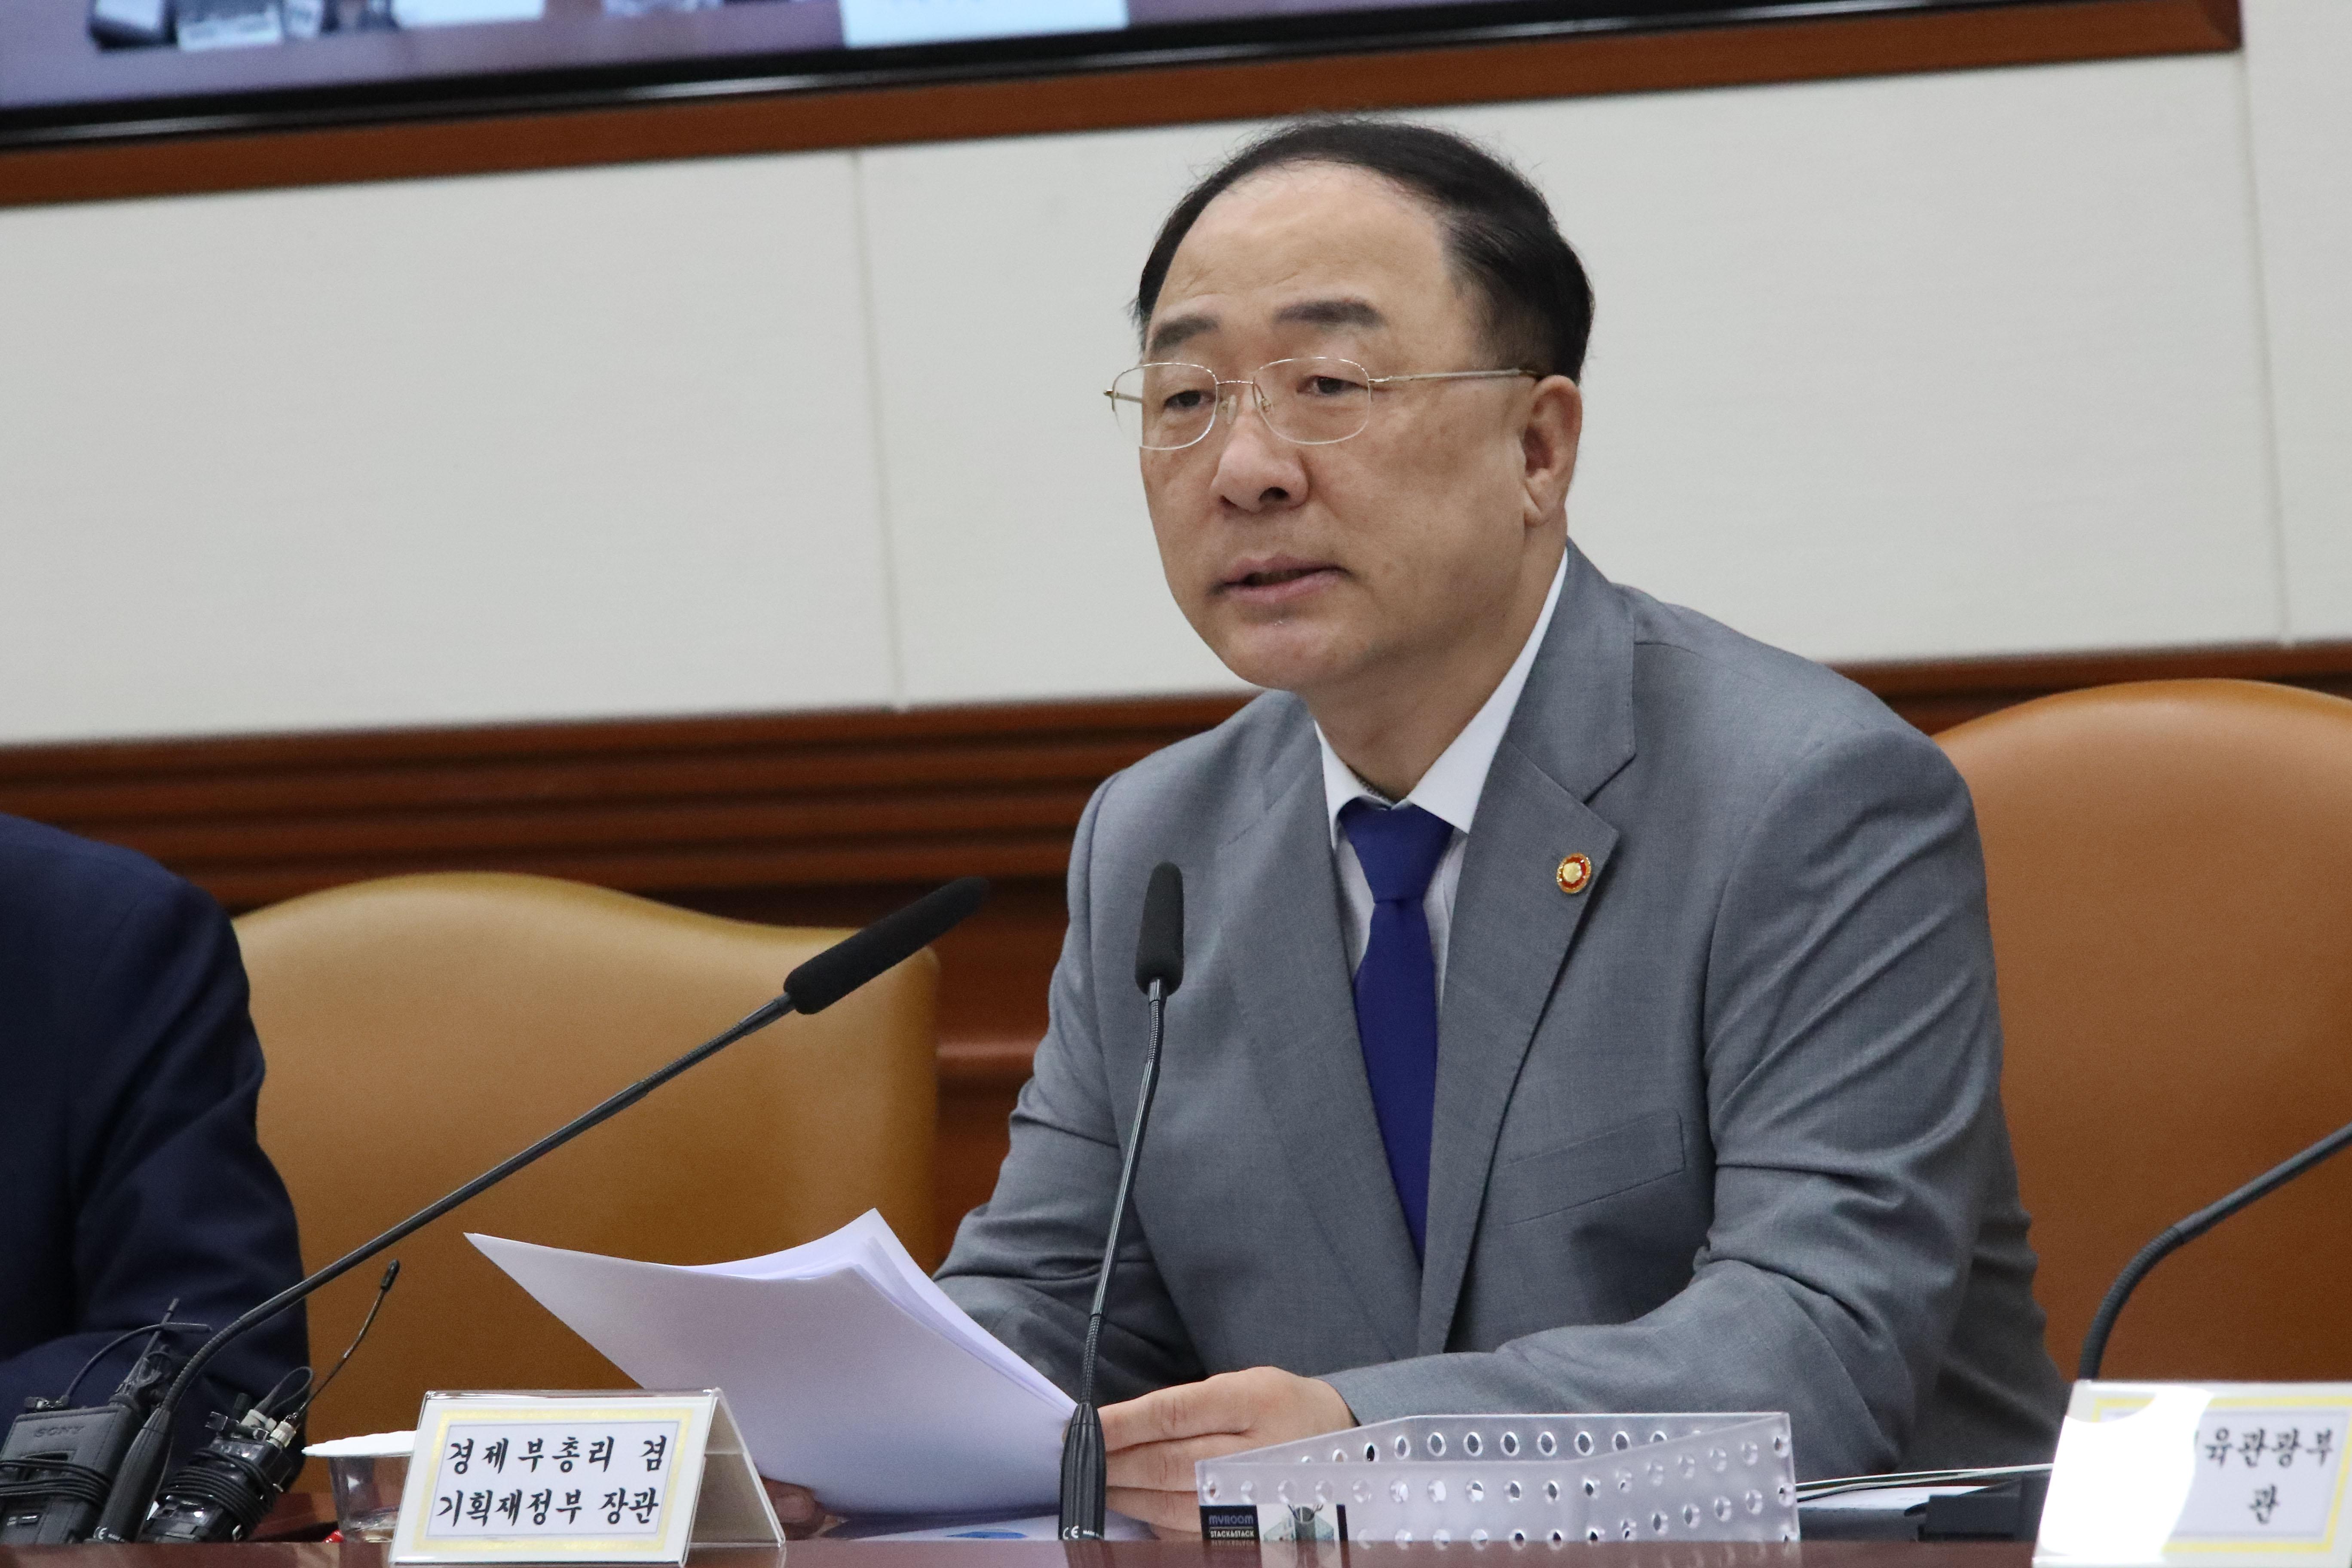 홍남기 경제부총리 겸 기획재정부 장관 <사진=연합>